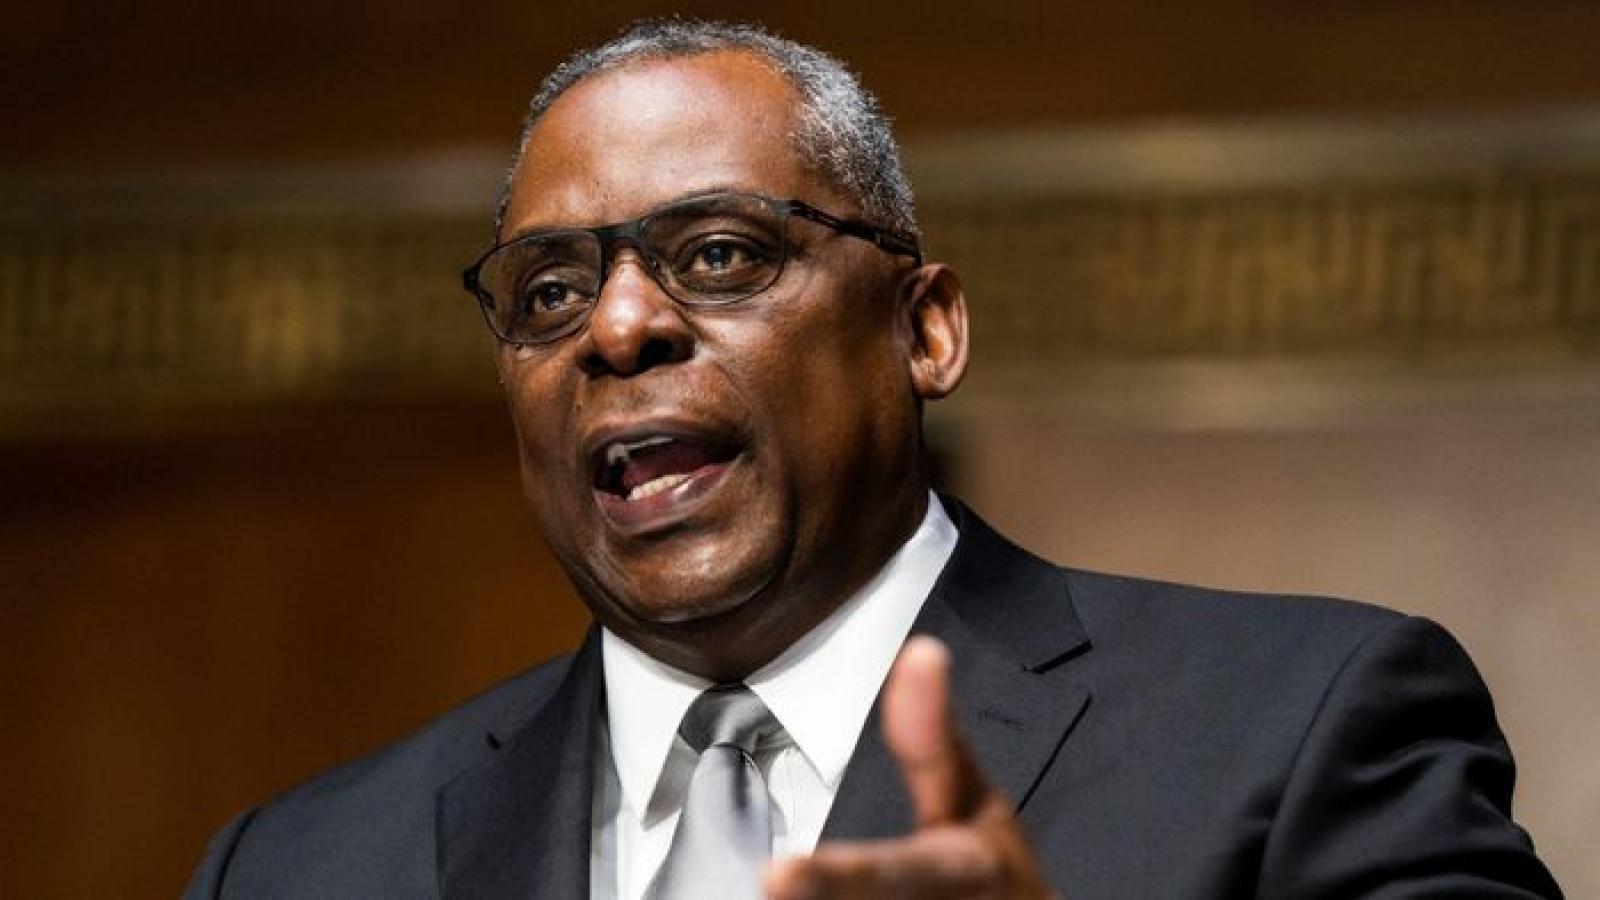 Mỹ có Bộ trưởng Quốc phòng gốc Phi đầu tiên trong lịch sử